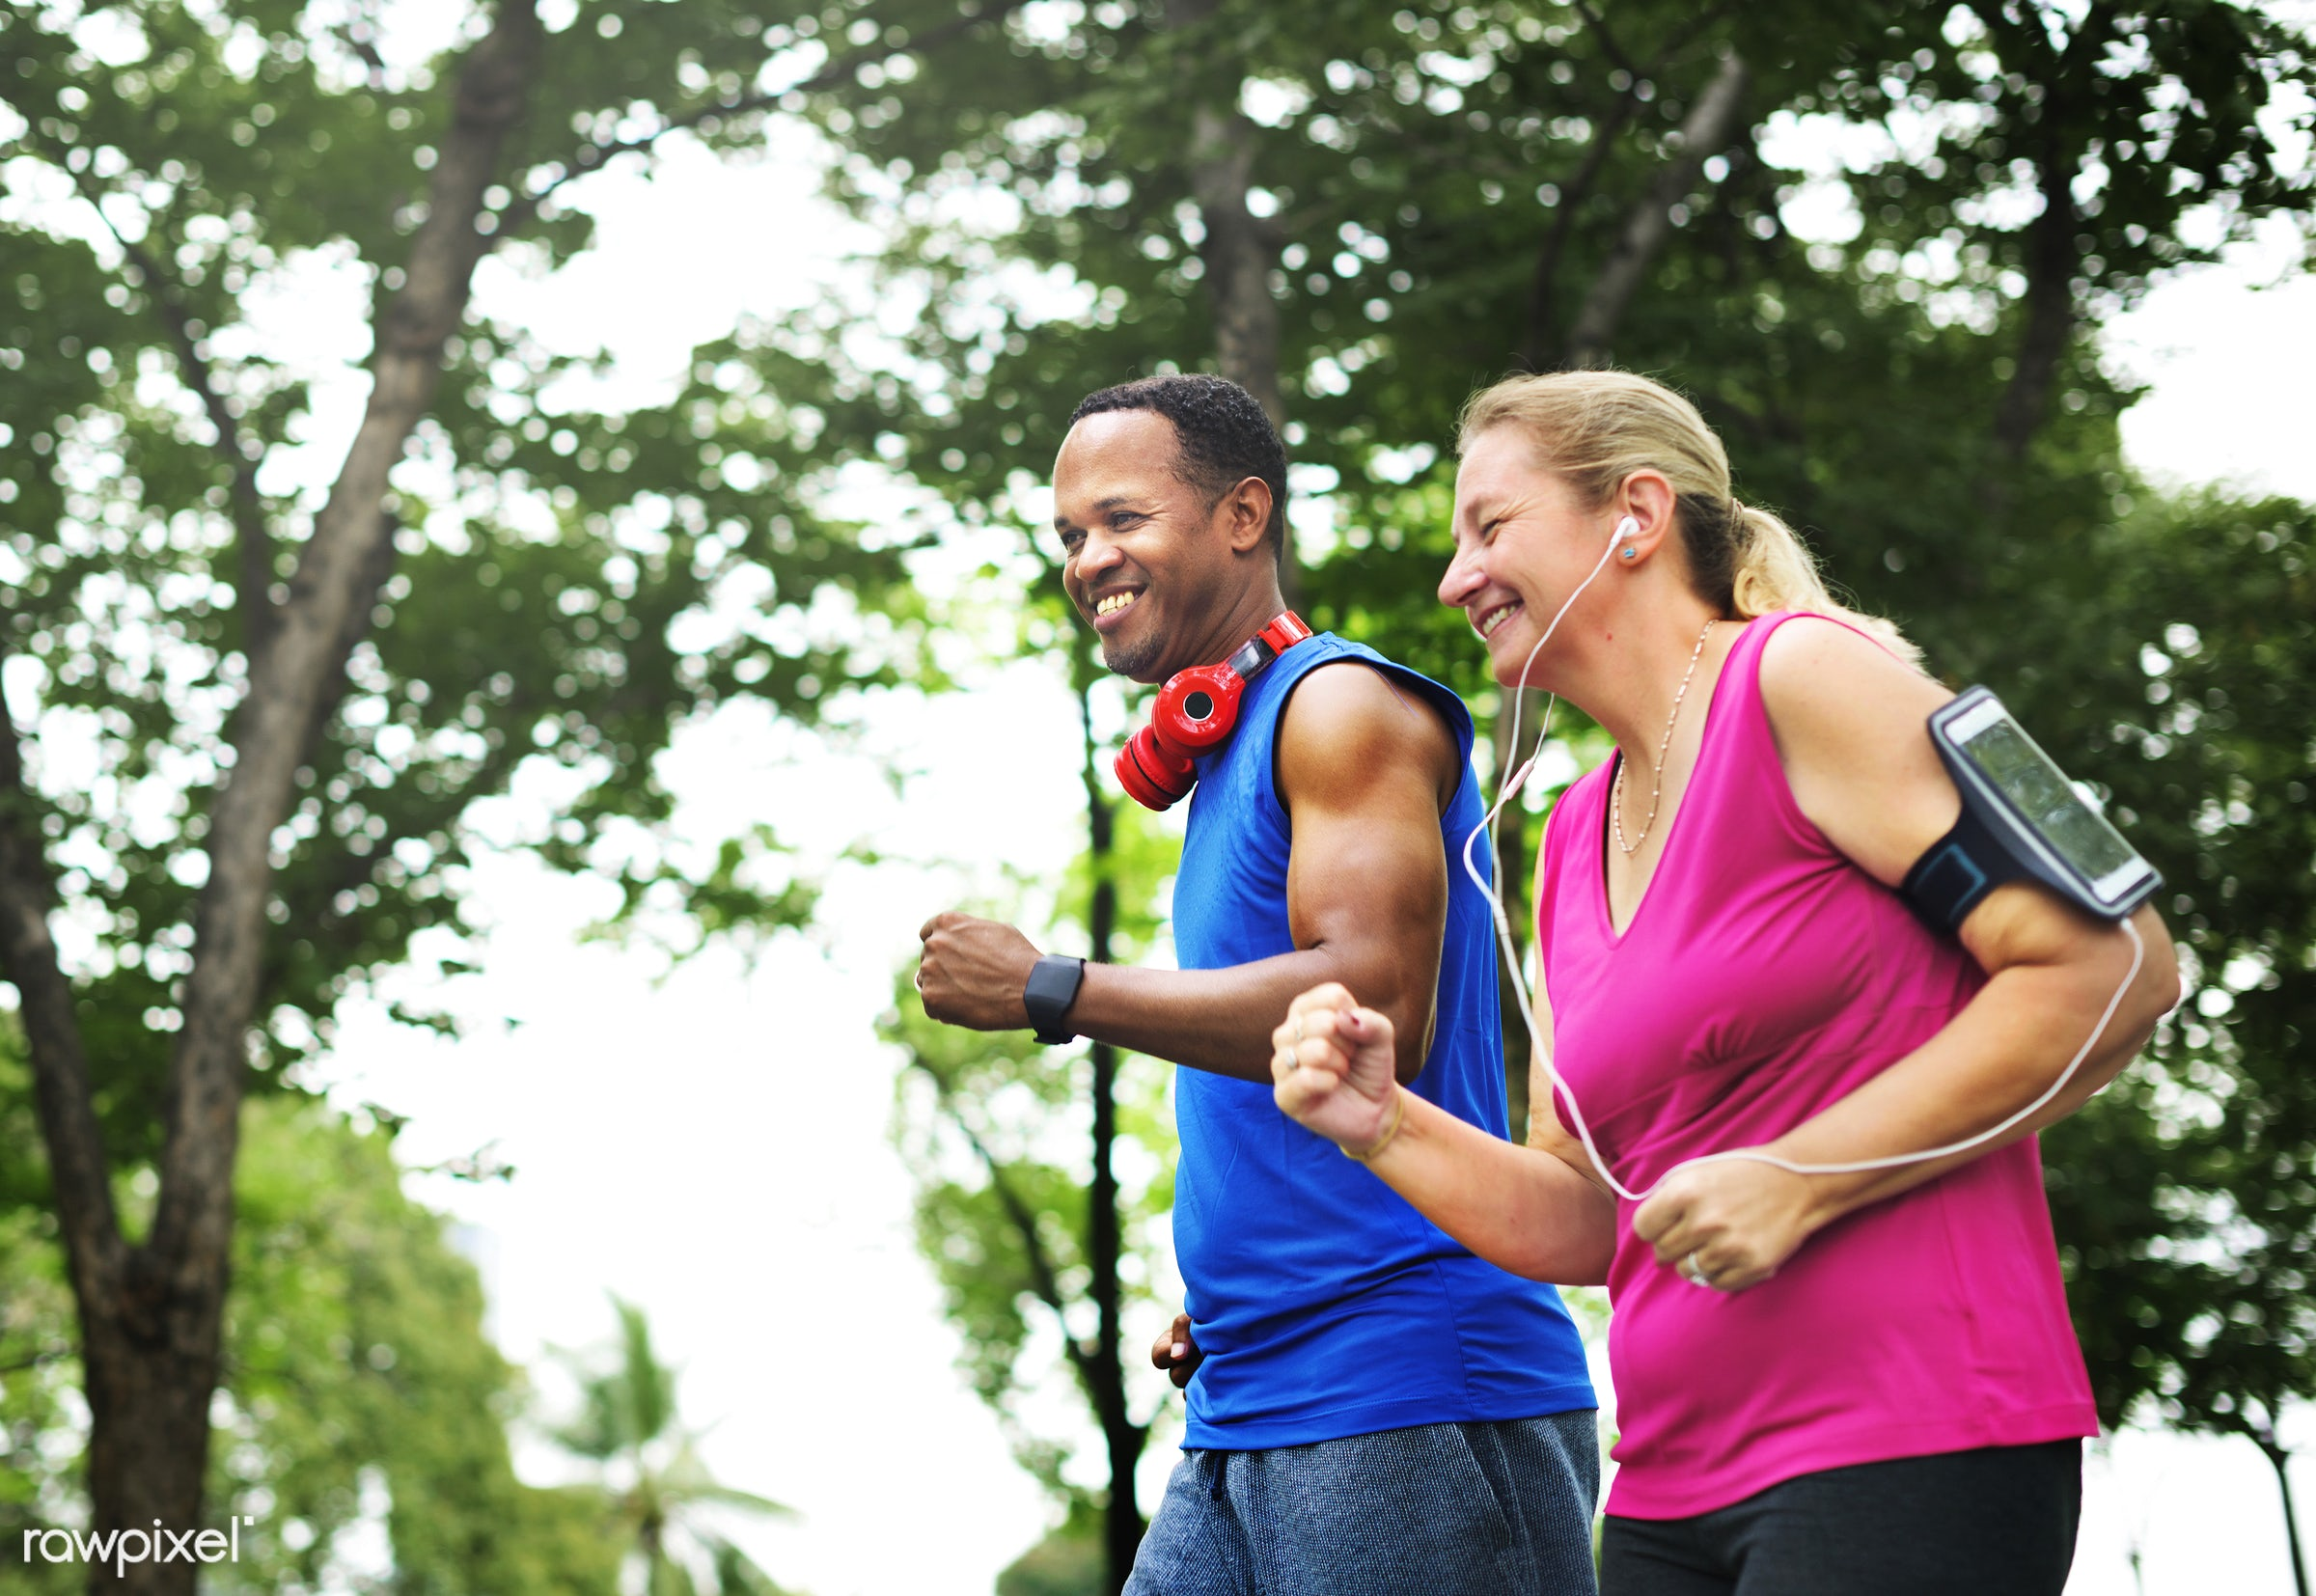 older, activity, bonding, cheerful, clothing, couple, enjoyment, exercise, exercising, fitness, freshness, happiness, happy...